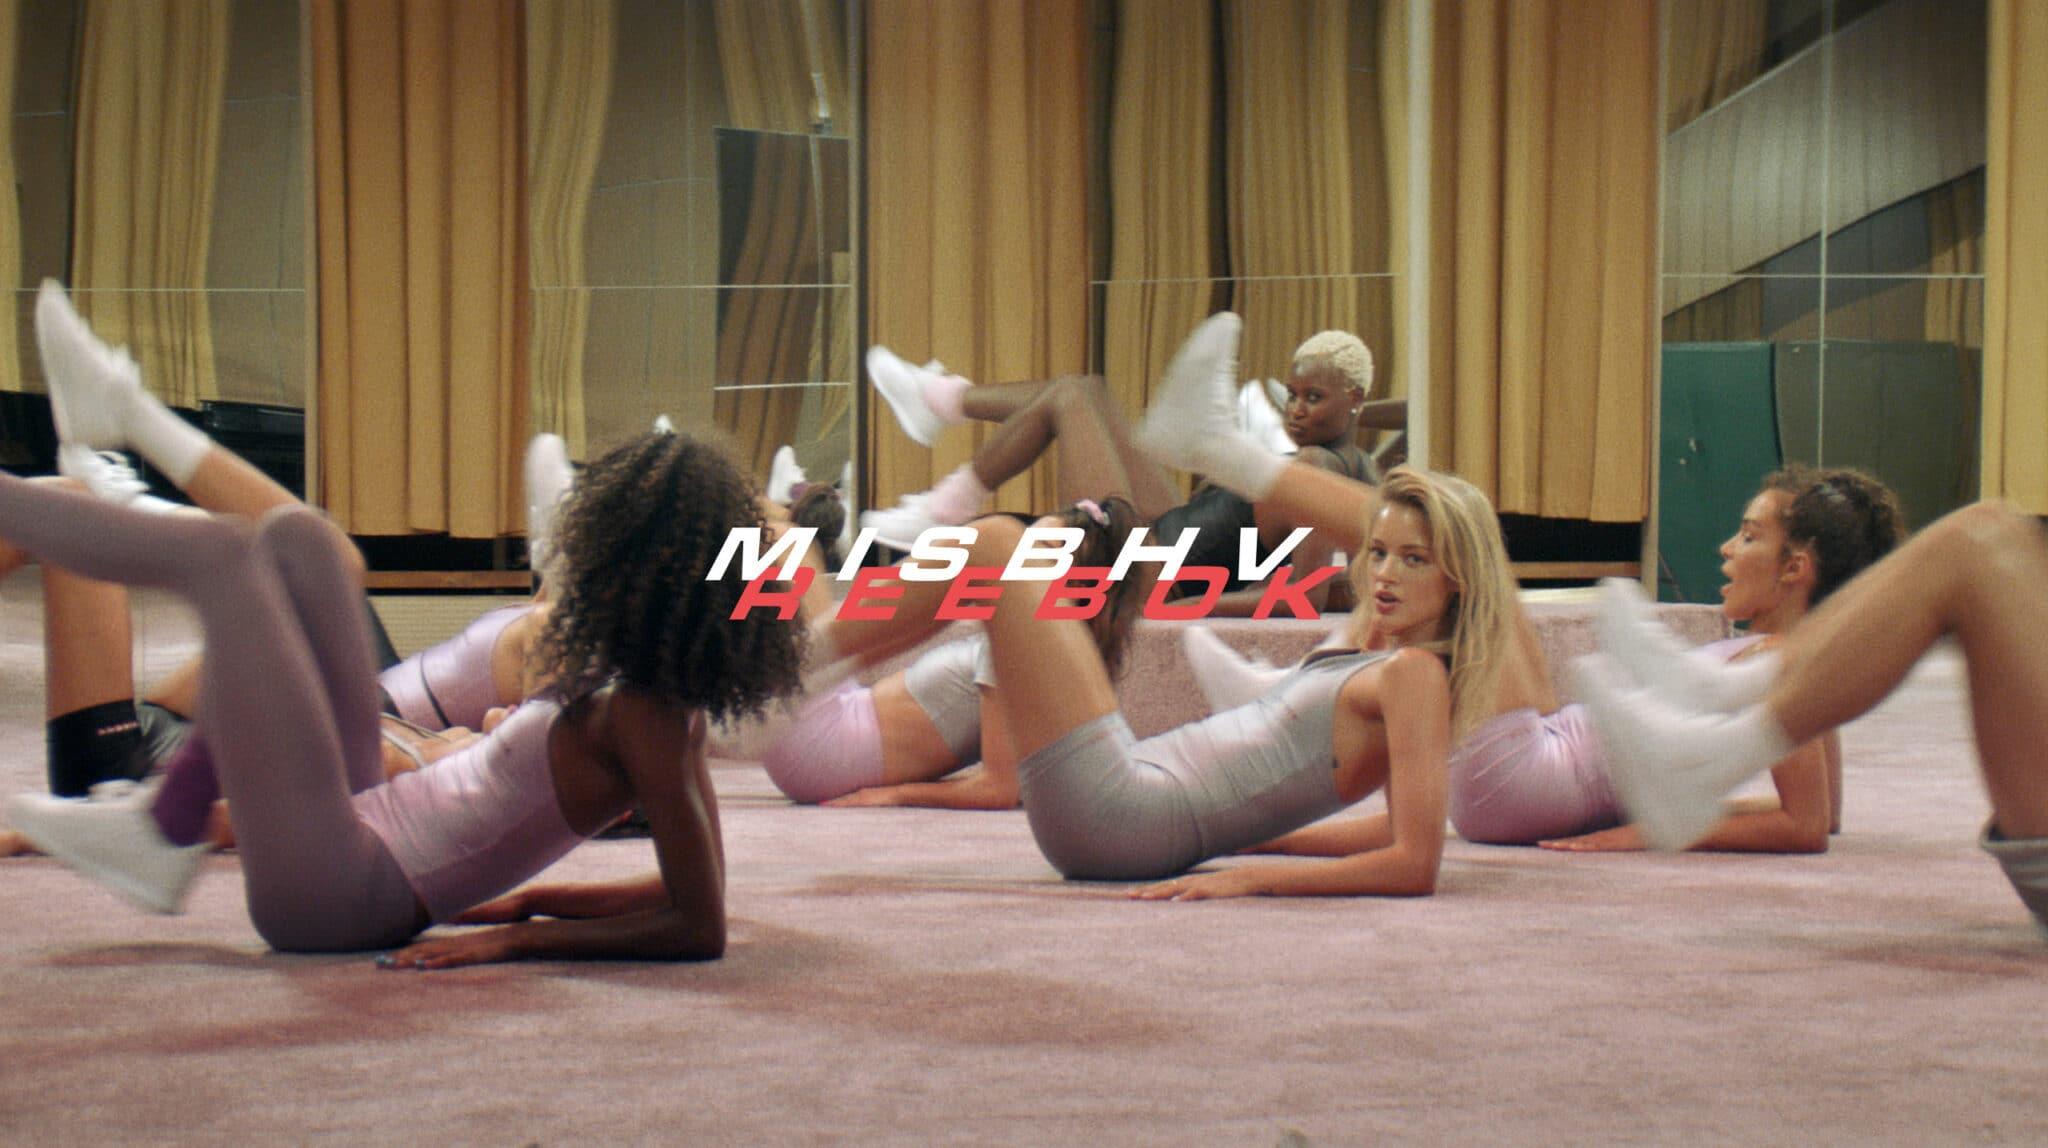 MISBHV 80s Fitness Sportswear